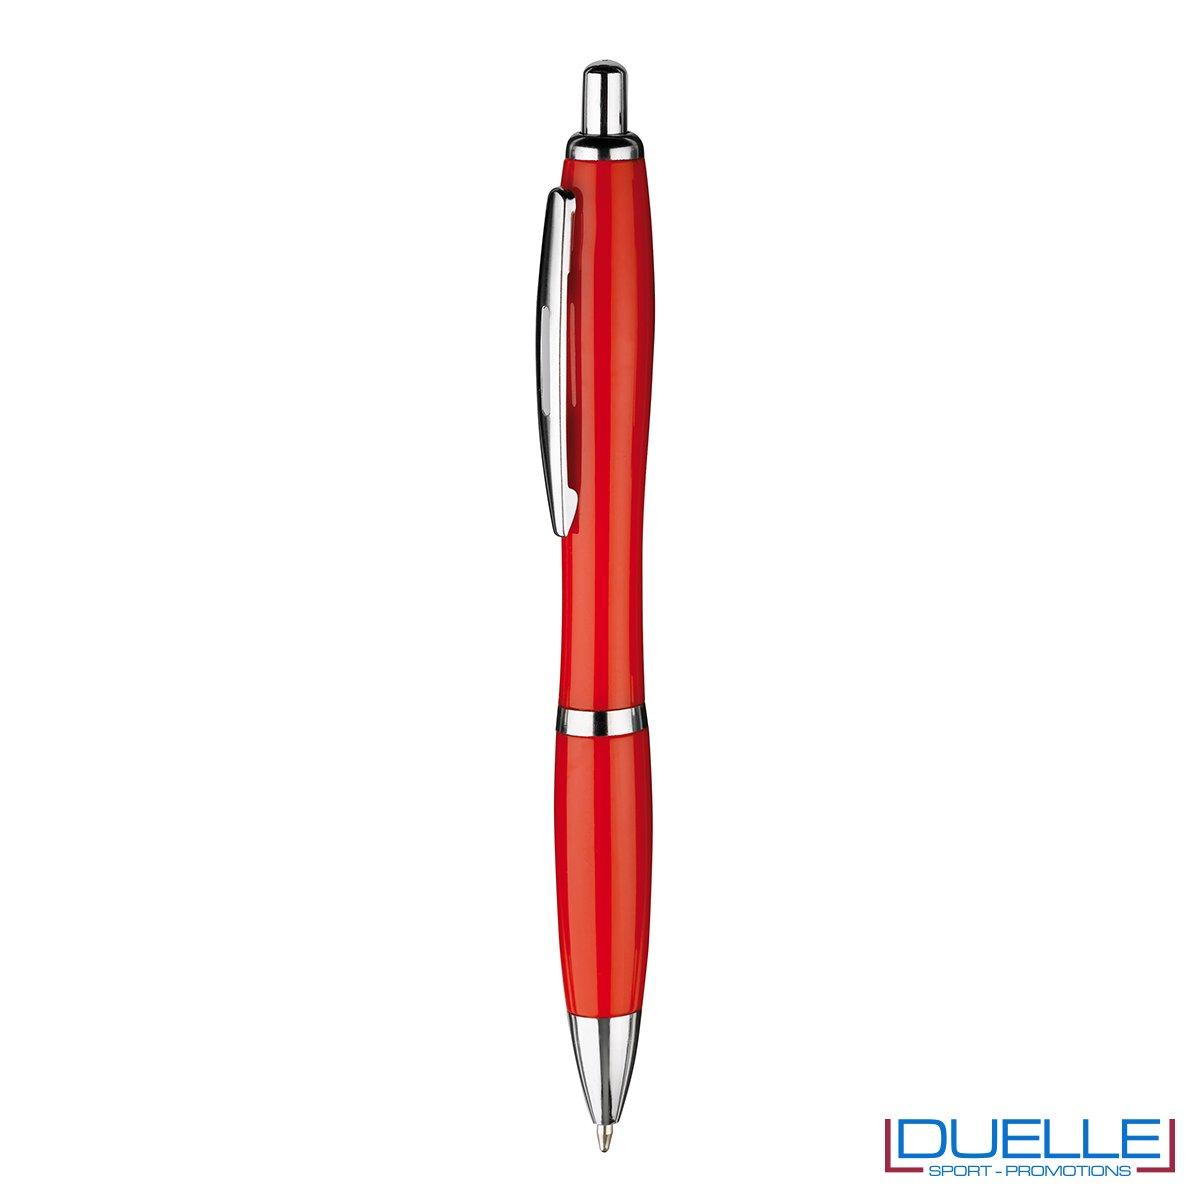 Penna economica personalizzata fusto in plastica colore rosso